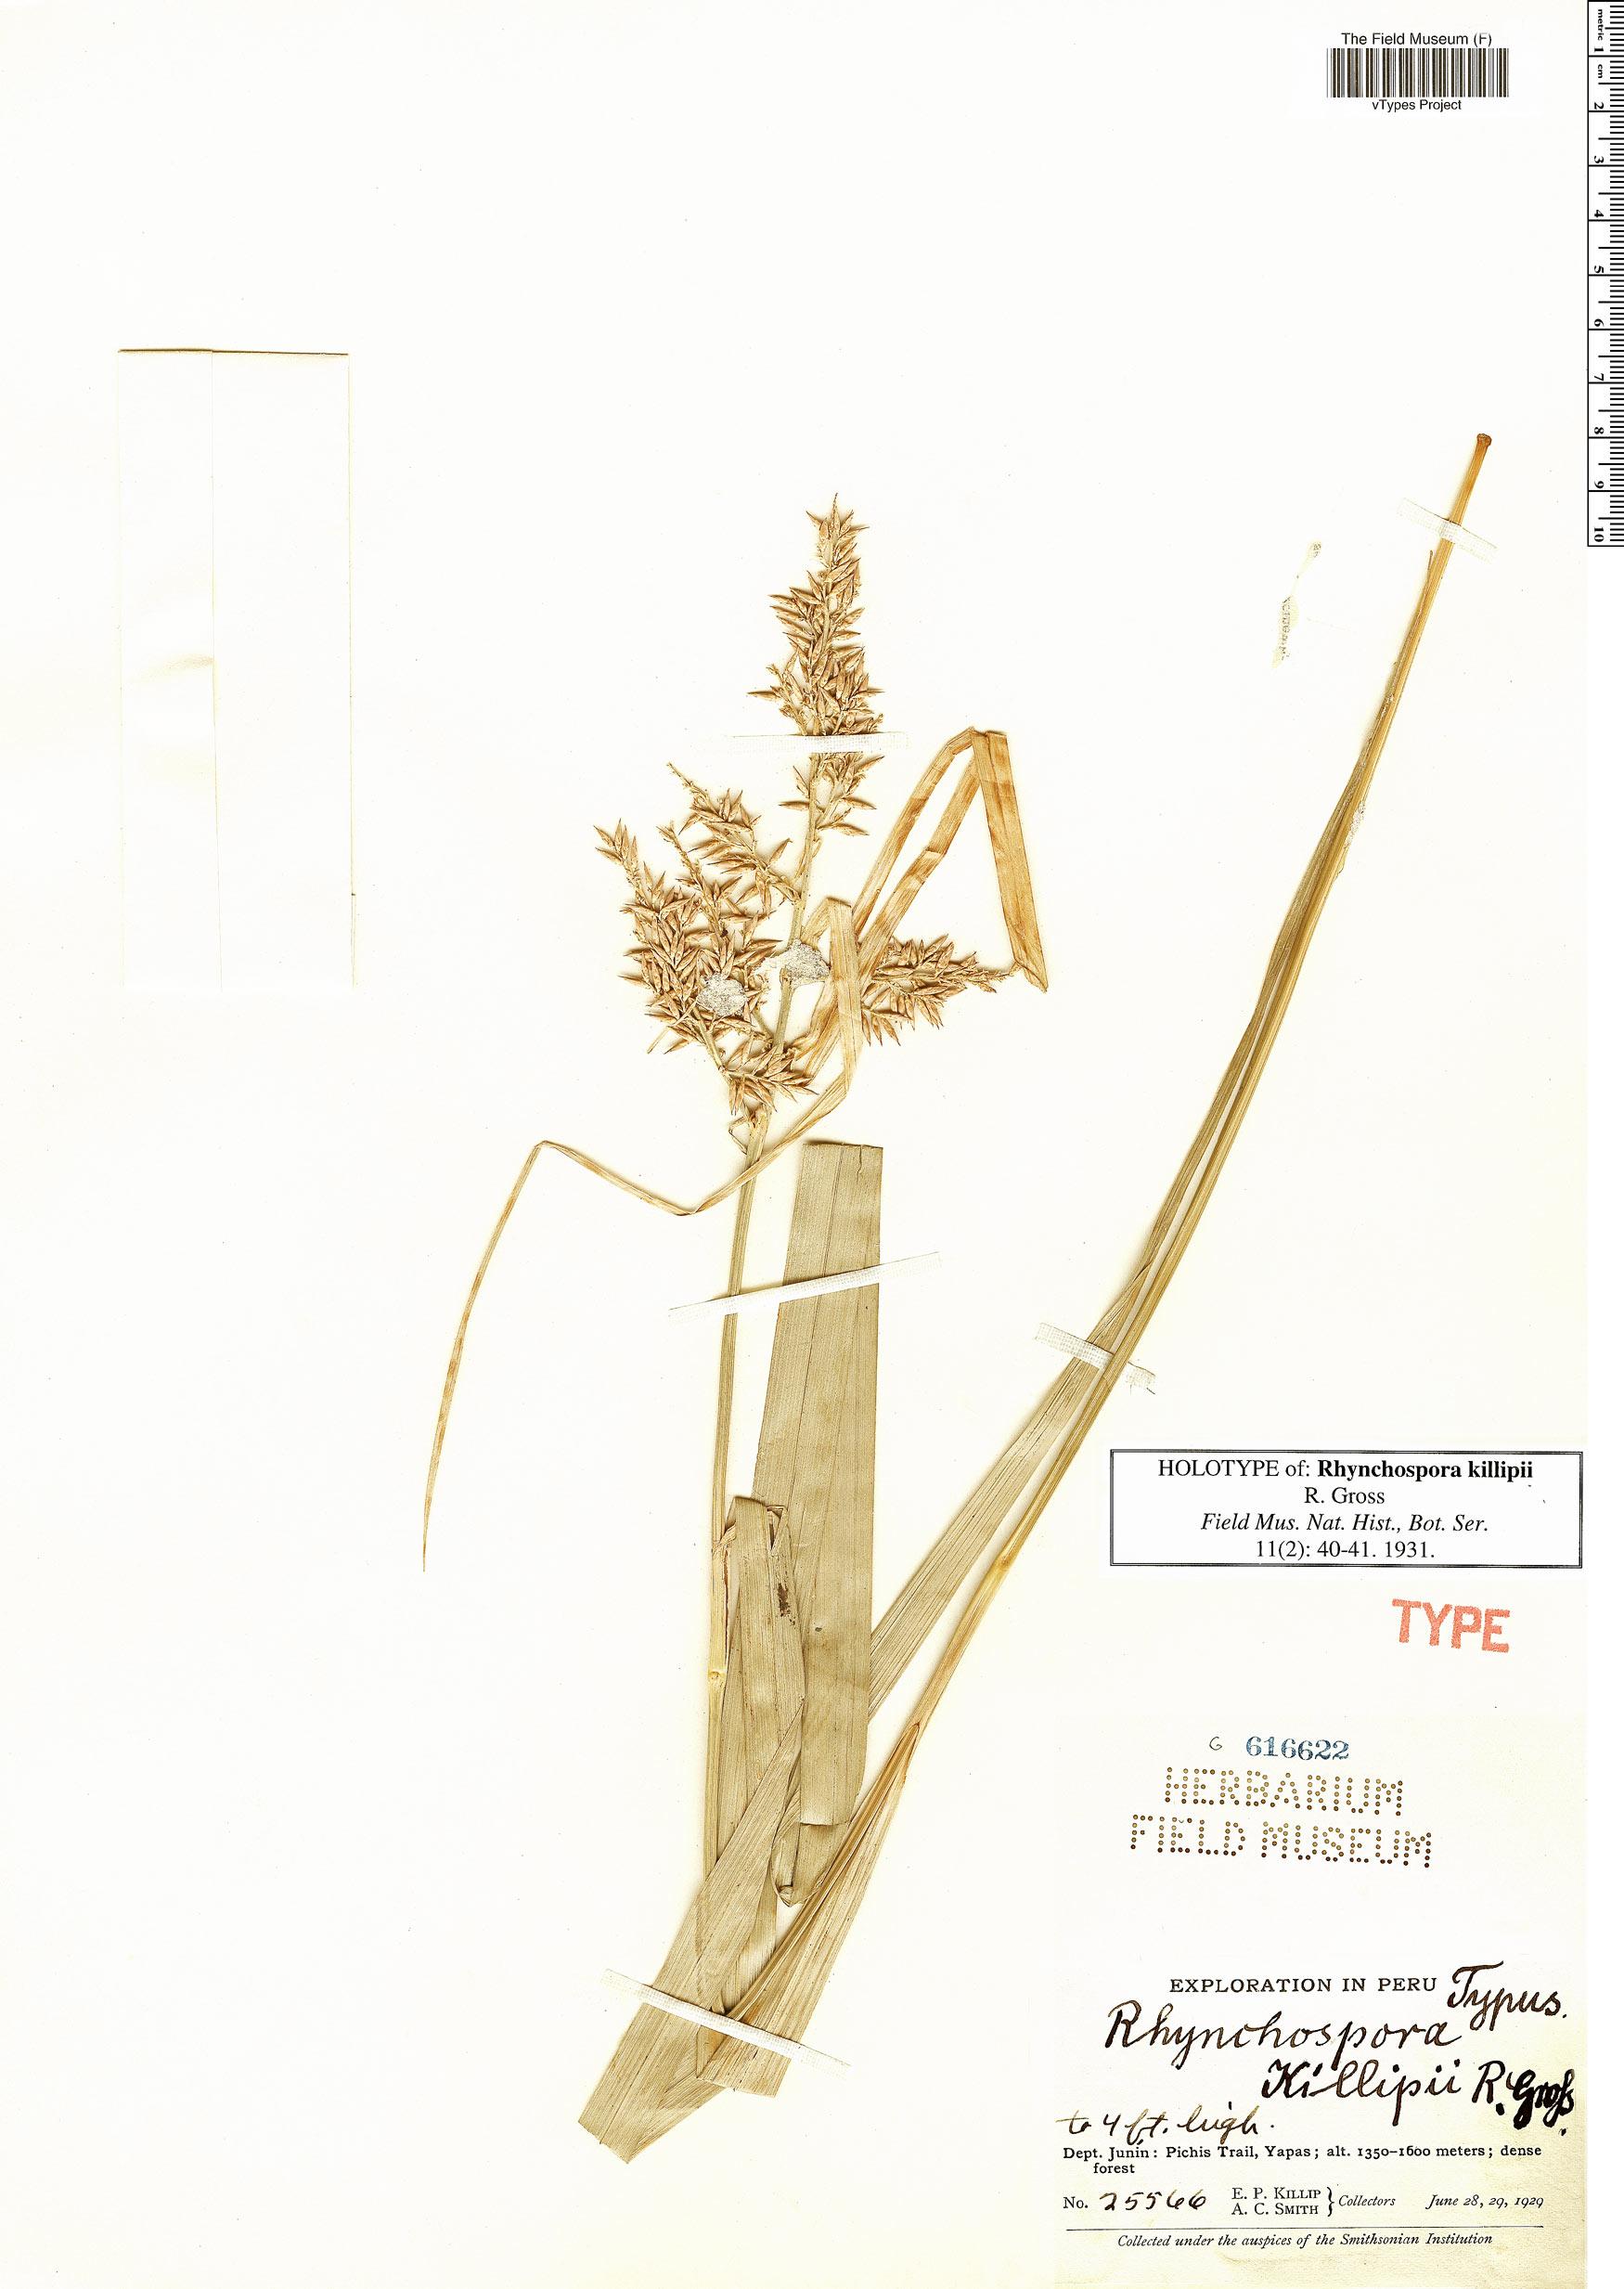 Specimen: Rhynchospora killipii